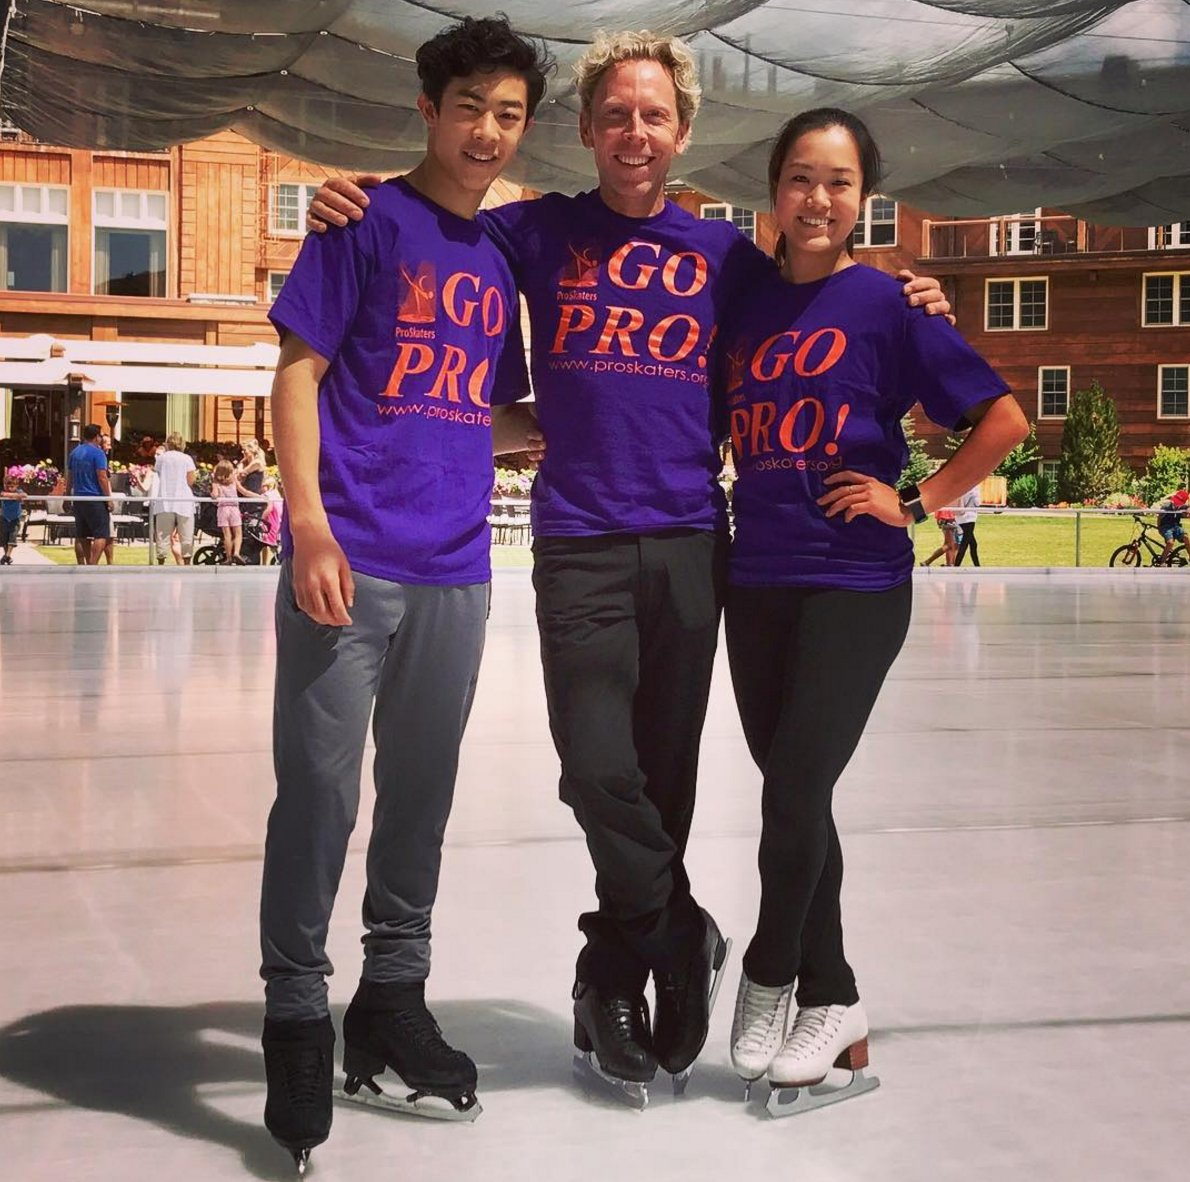 ネイサン・チェンが新プログラム演技を披露。スケーティングから楽曲も含めて凄くカッコいい。